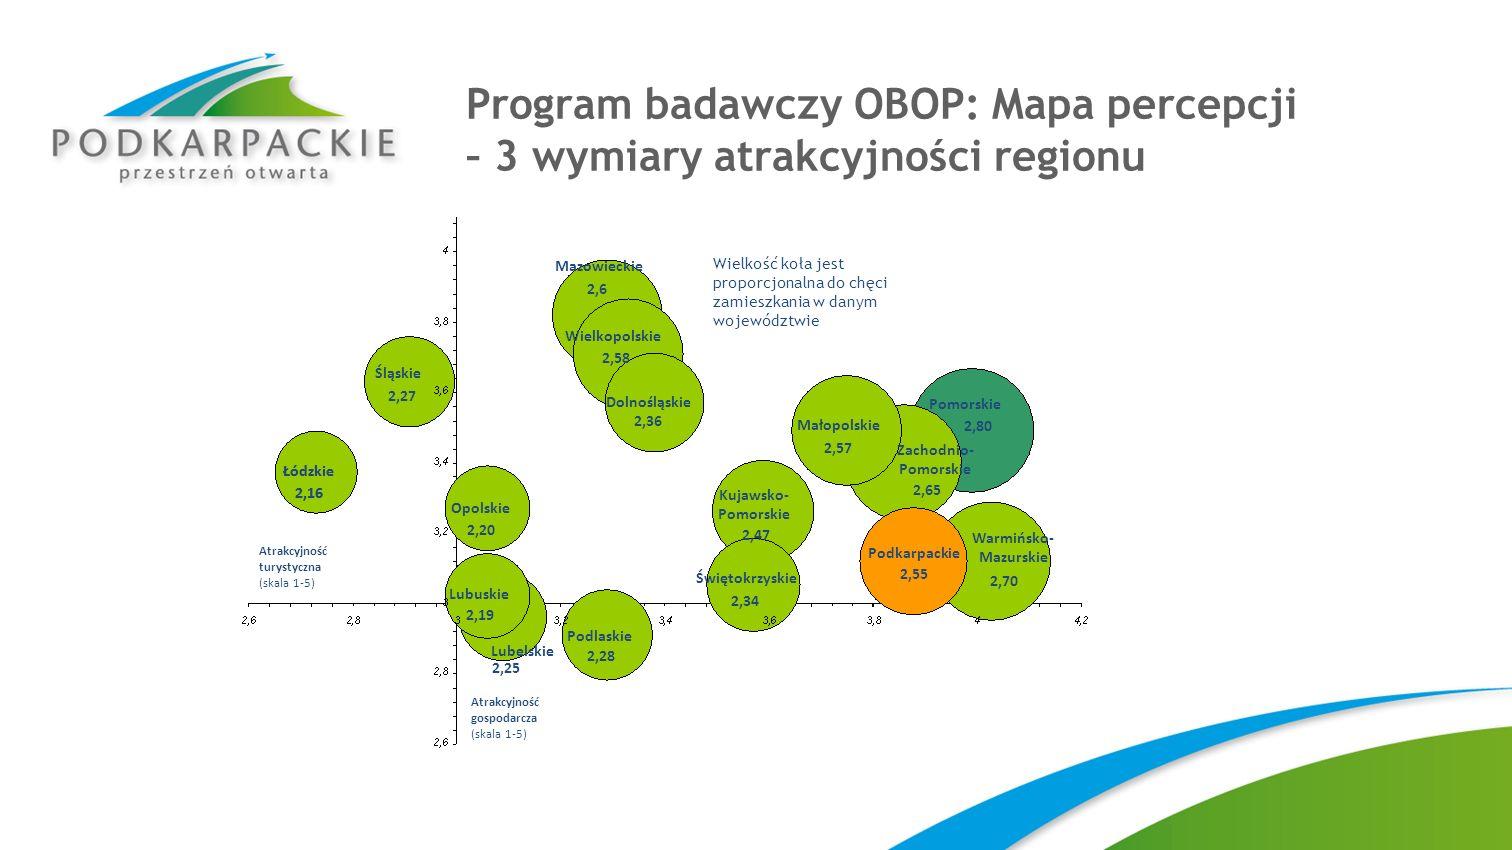 Program badawczy OBOP: Mapa percepcji – 3 wymiary atrakcyjności regionu